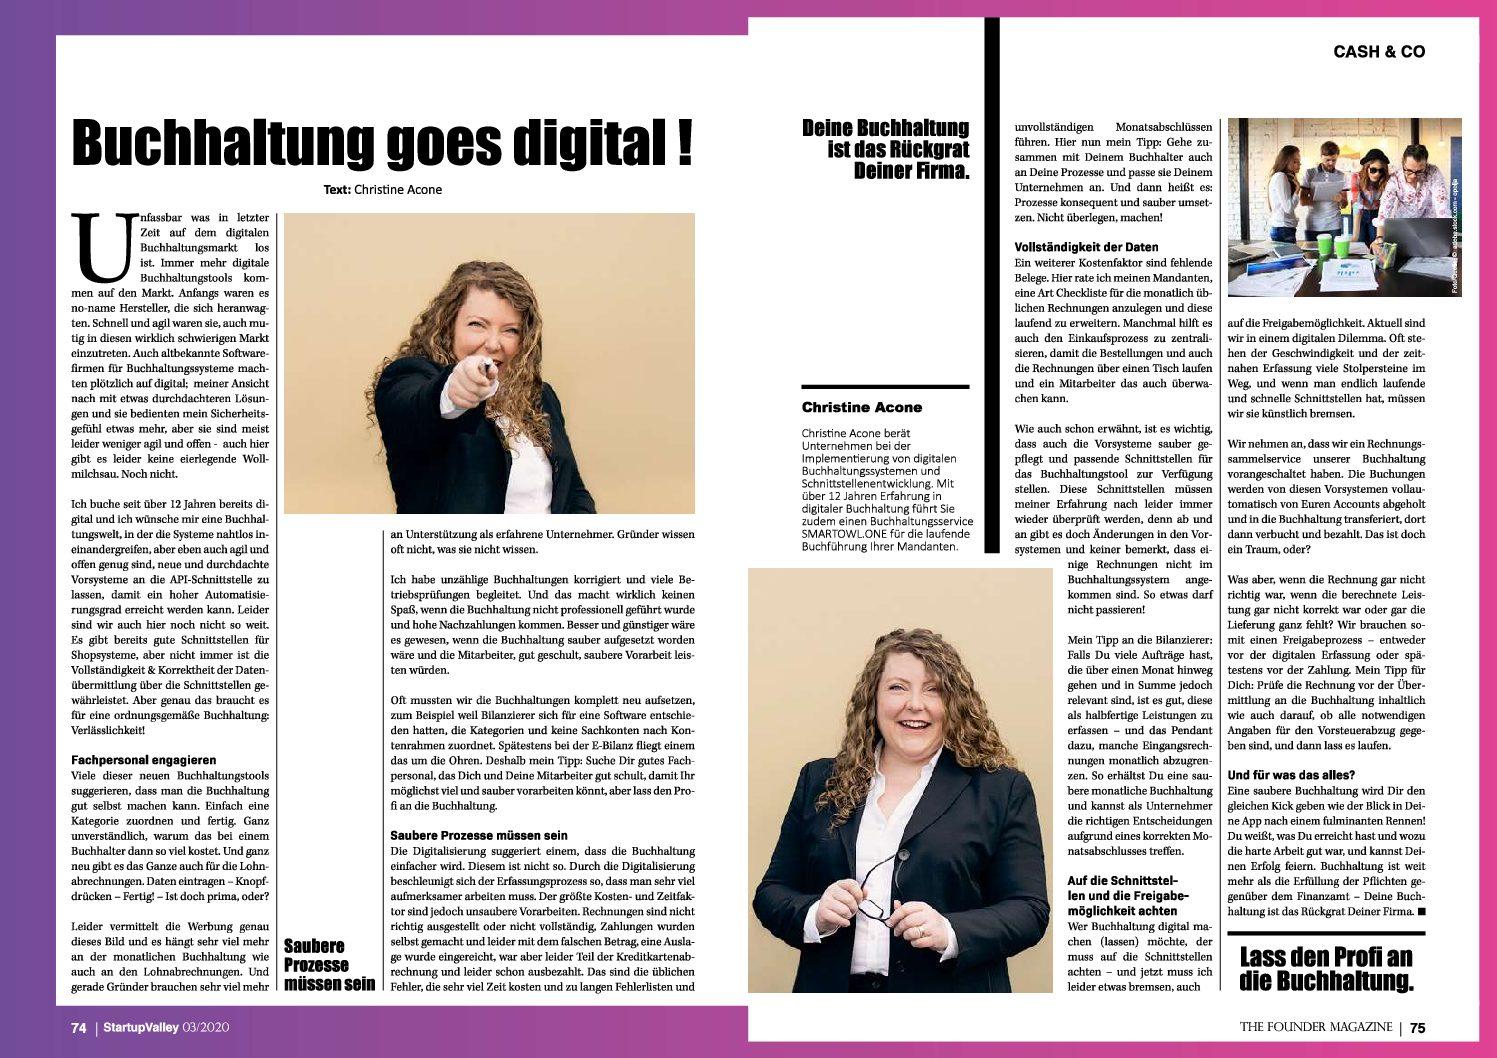 Exklusiver Artikel in der neuen Startup-Valley: Buchhaltung goes digital!